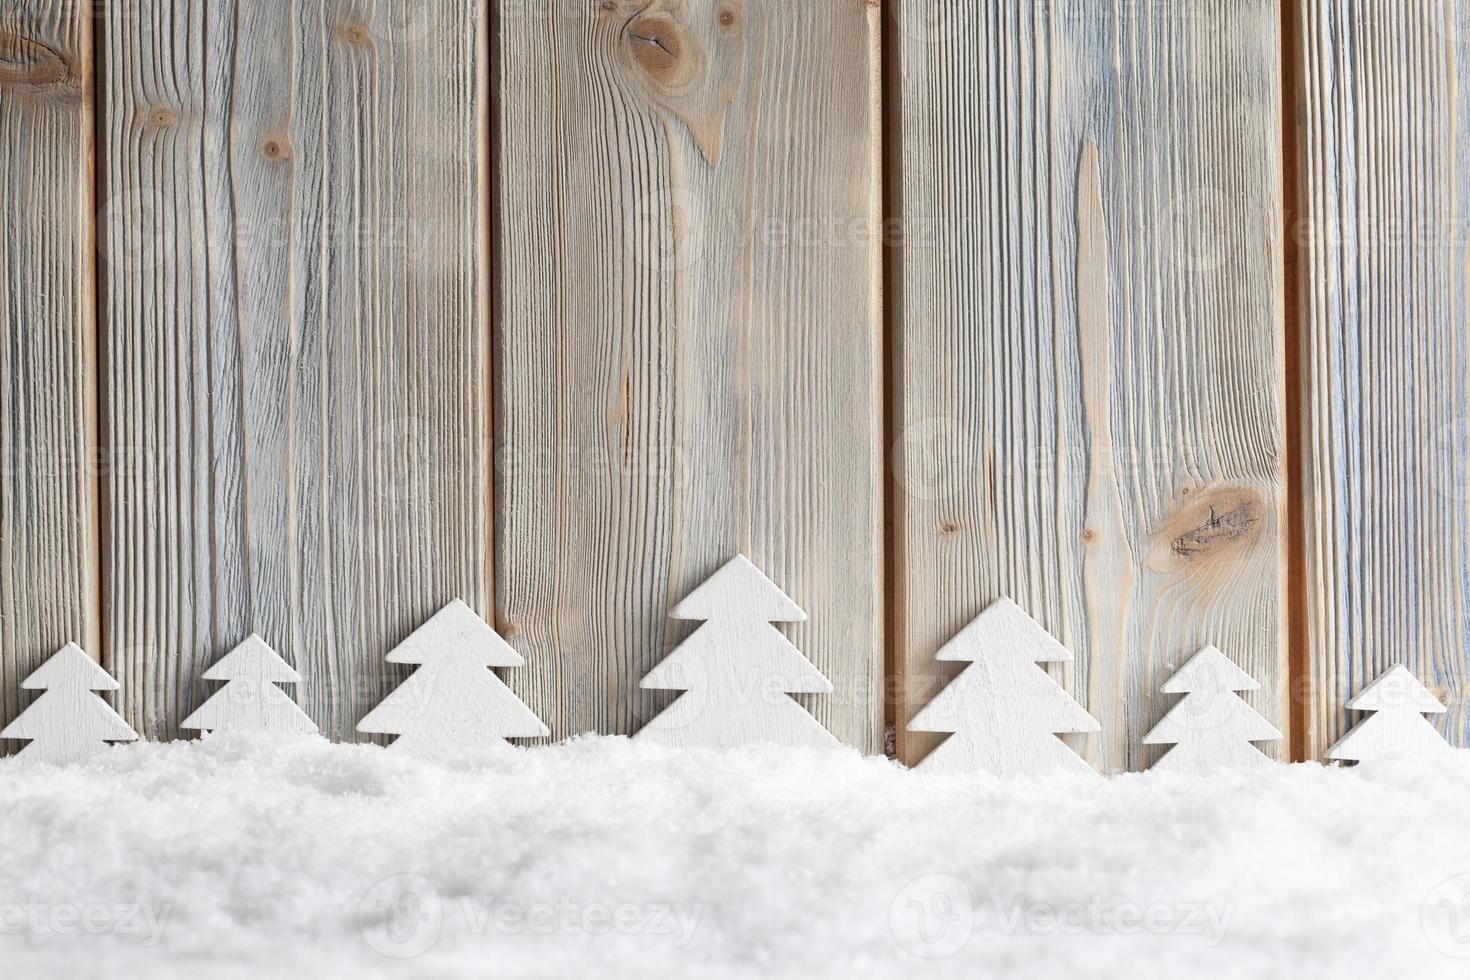 árboles de navidad en la nieve y el fondo de madera foto